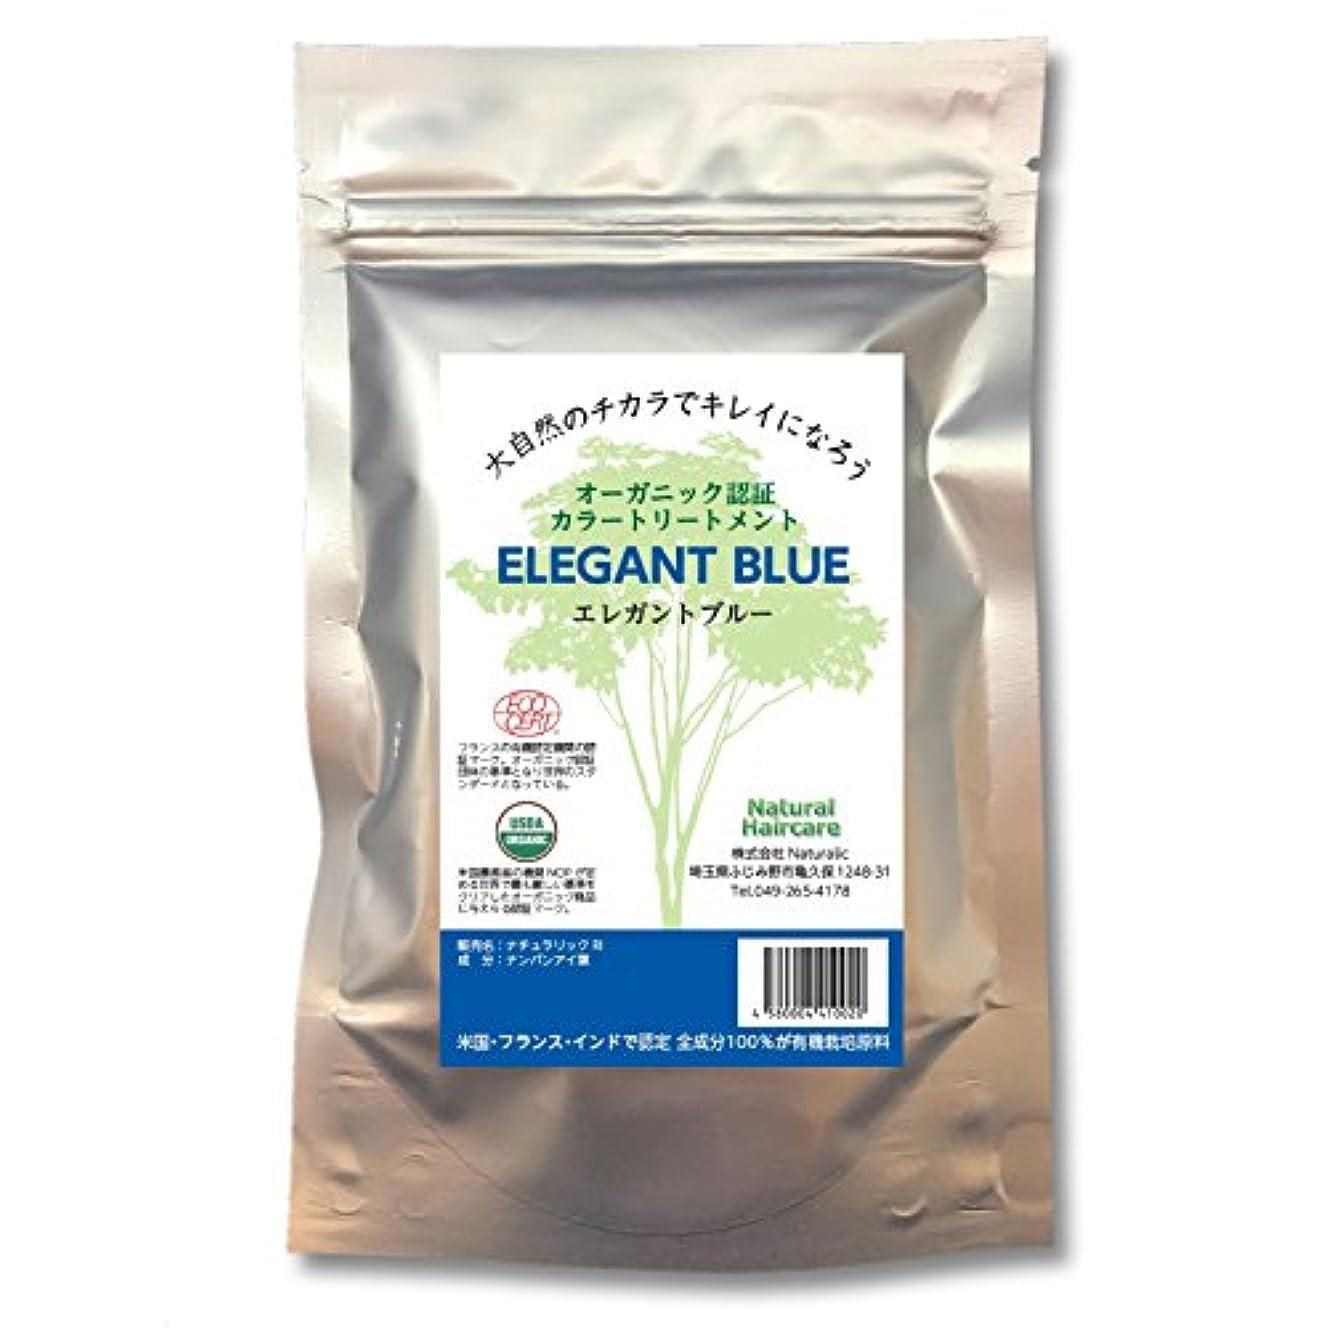 先消す忙しいナチュラルヘアケア エレガントブルー 世界3カ国オーガニック機関認証済み 100%天然植物 インディゴ 青紫色系